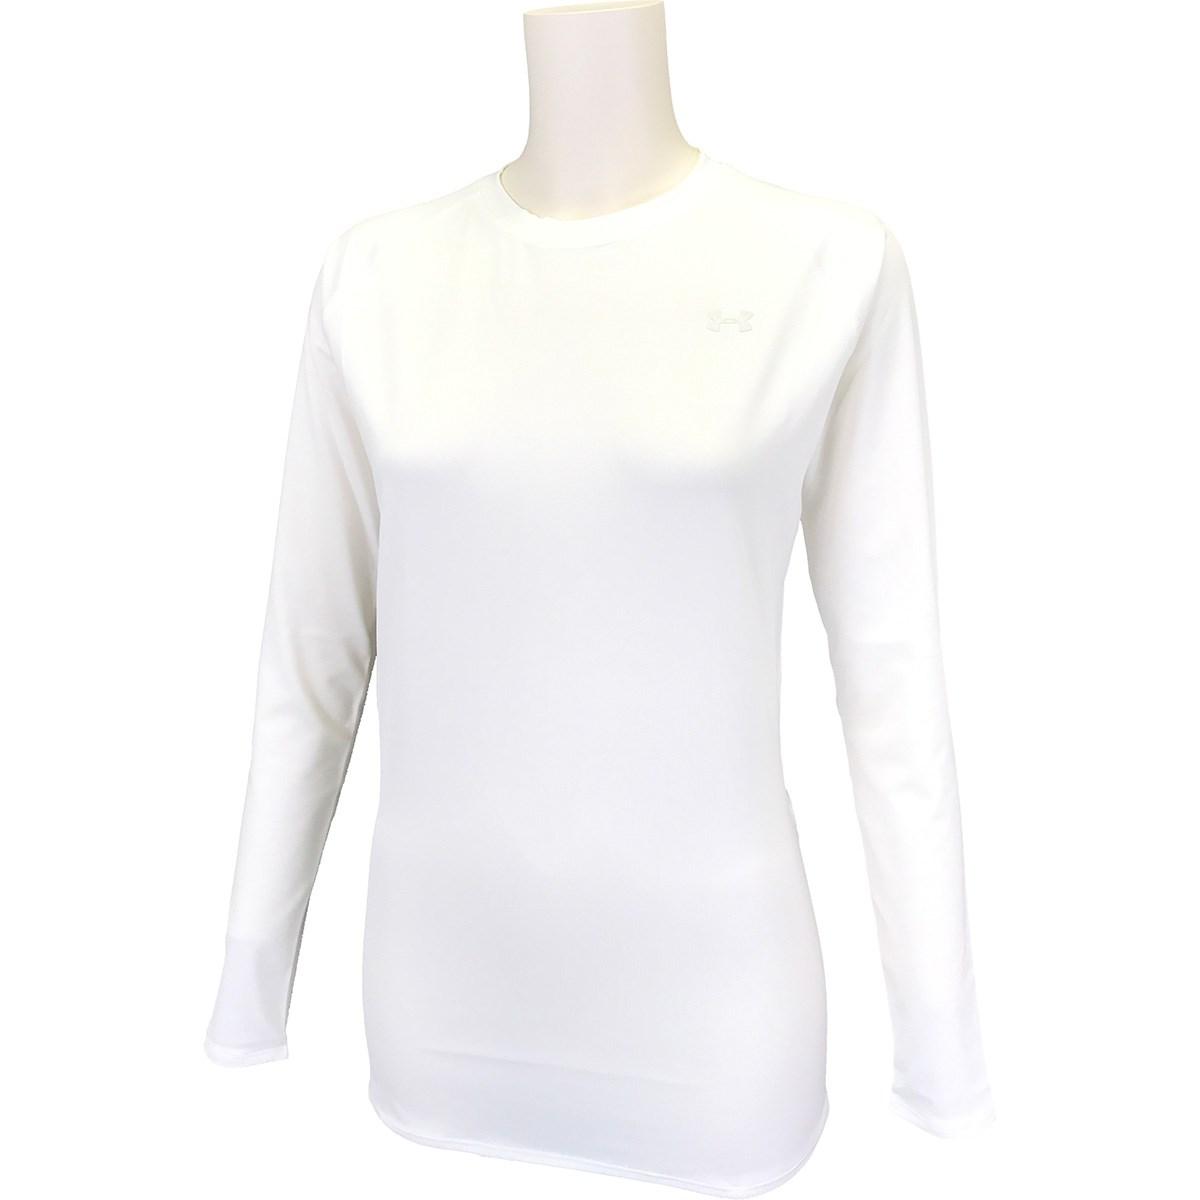 アンダーアーマー Under Armour UA HGコンプレッション 長袖クルーネックアンダーシャツ XL White レディス